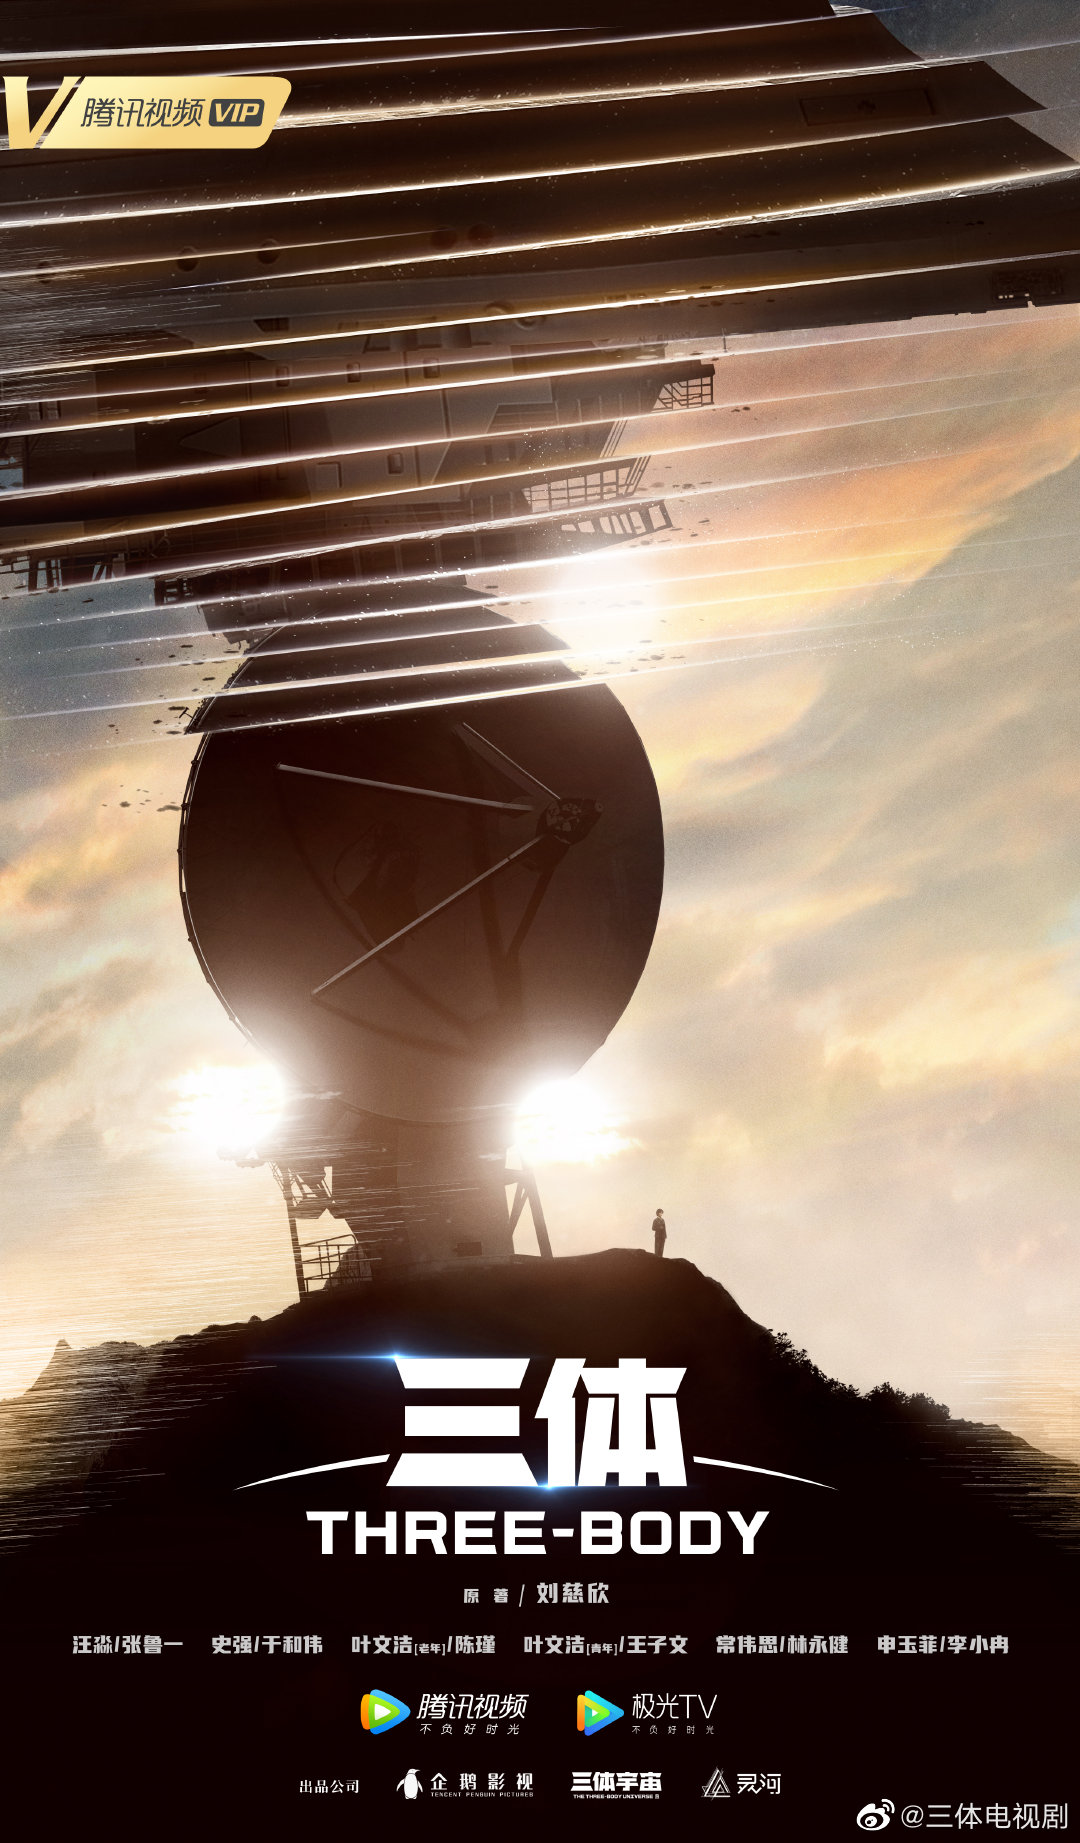 电视剧《三体》官宣阵容,张鲁一、于和伟等主演图片